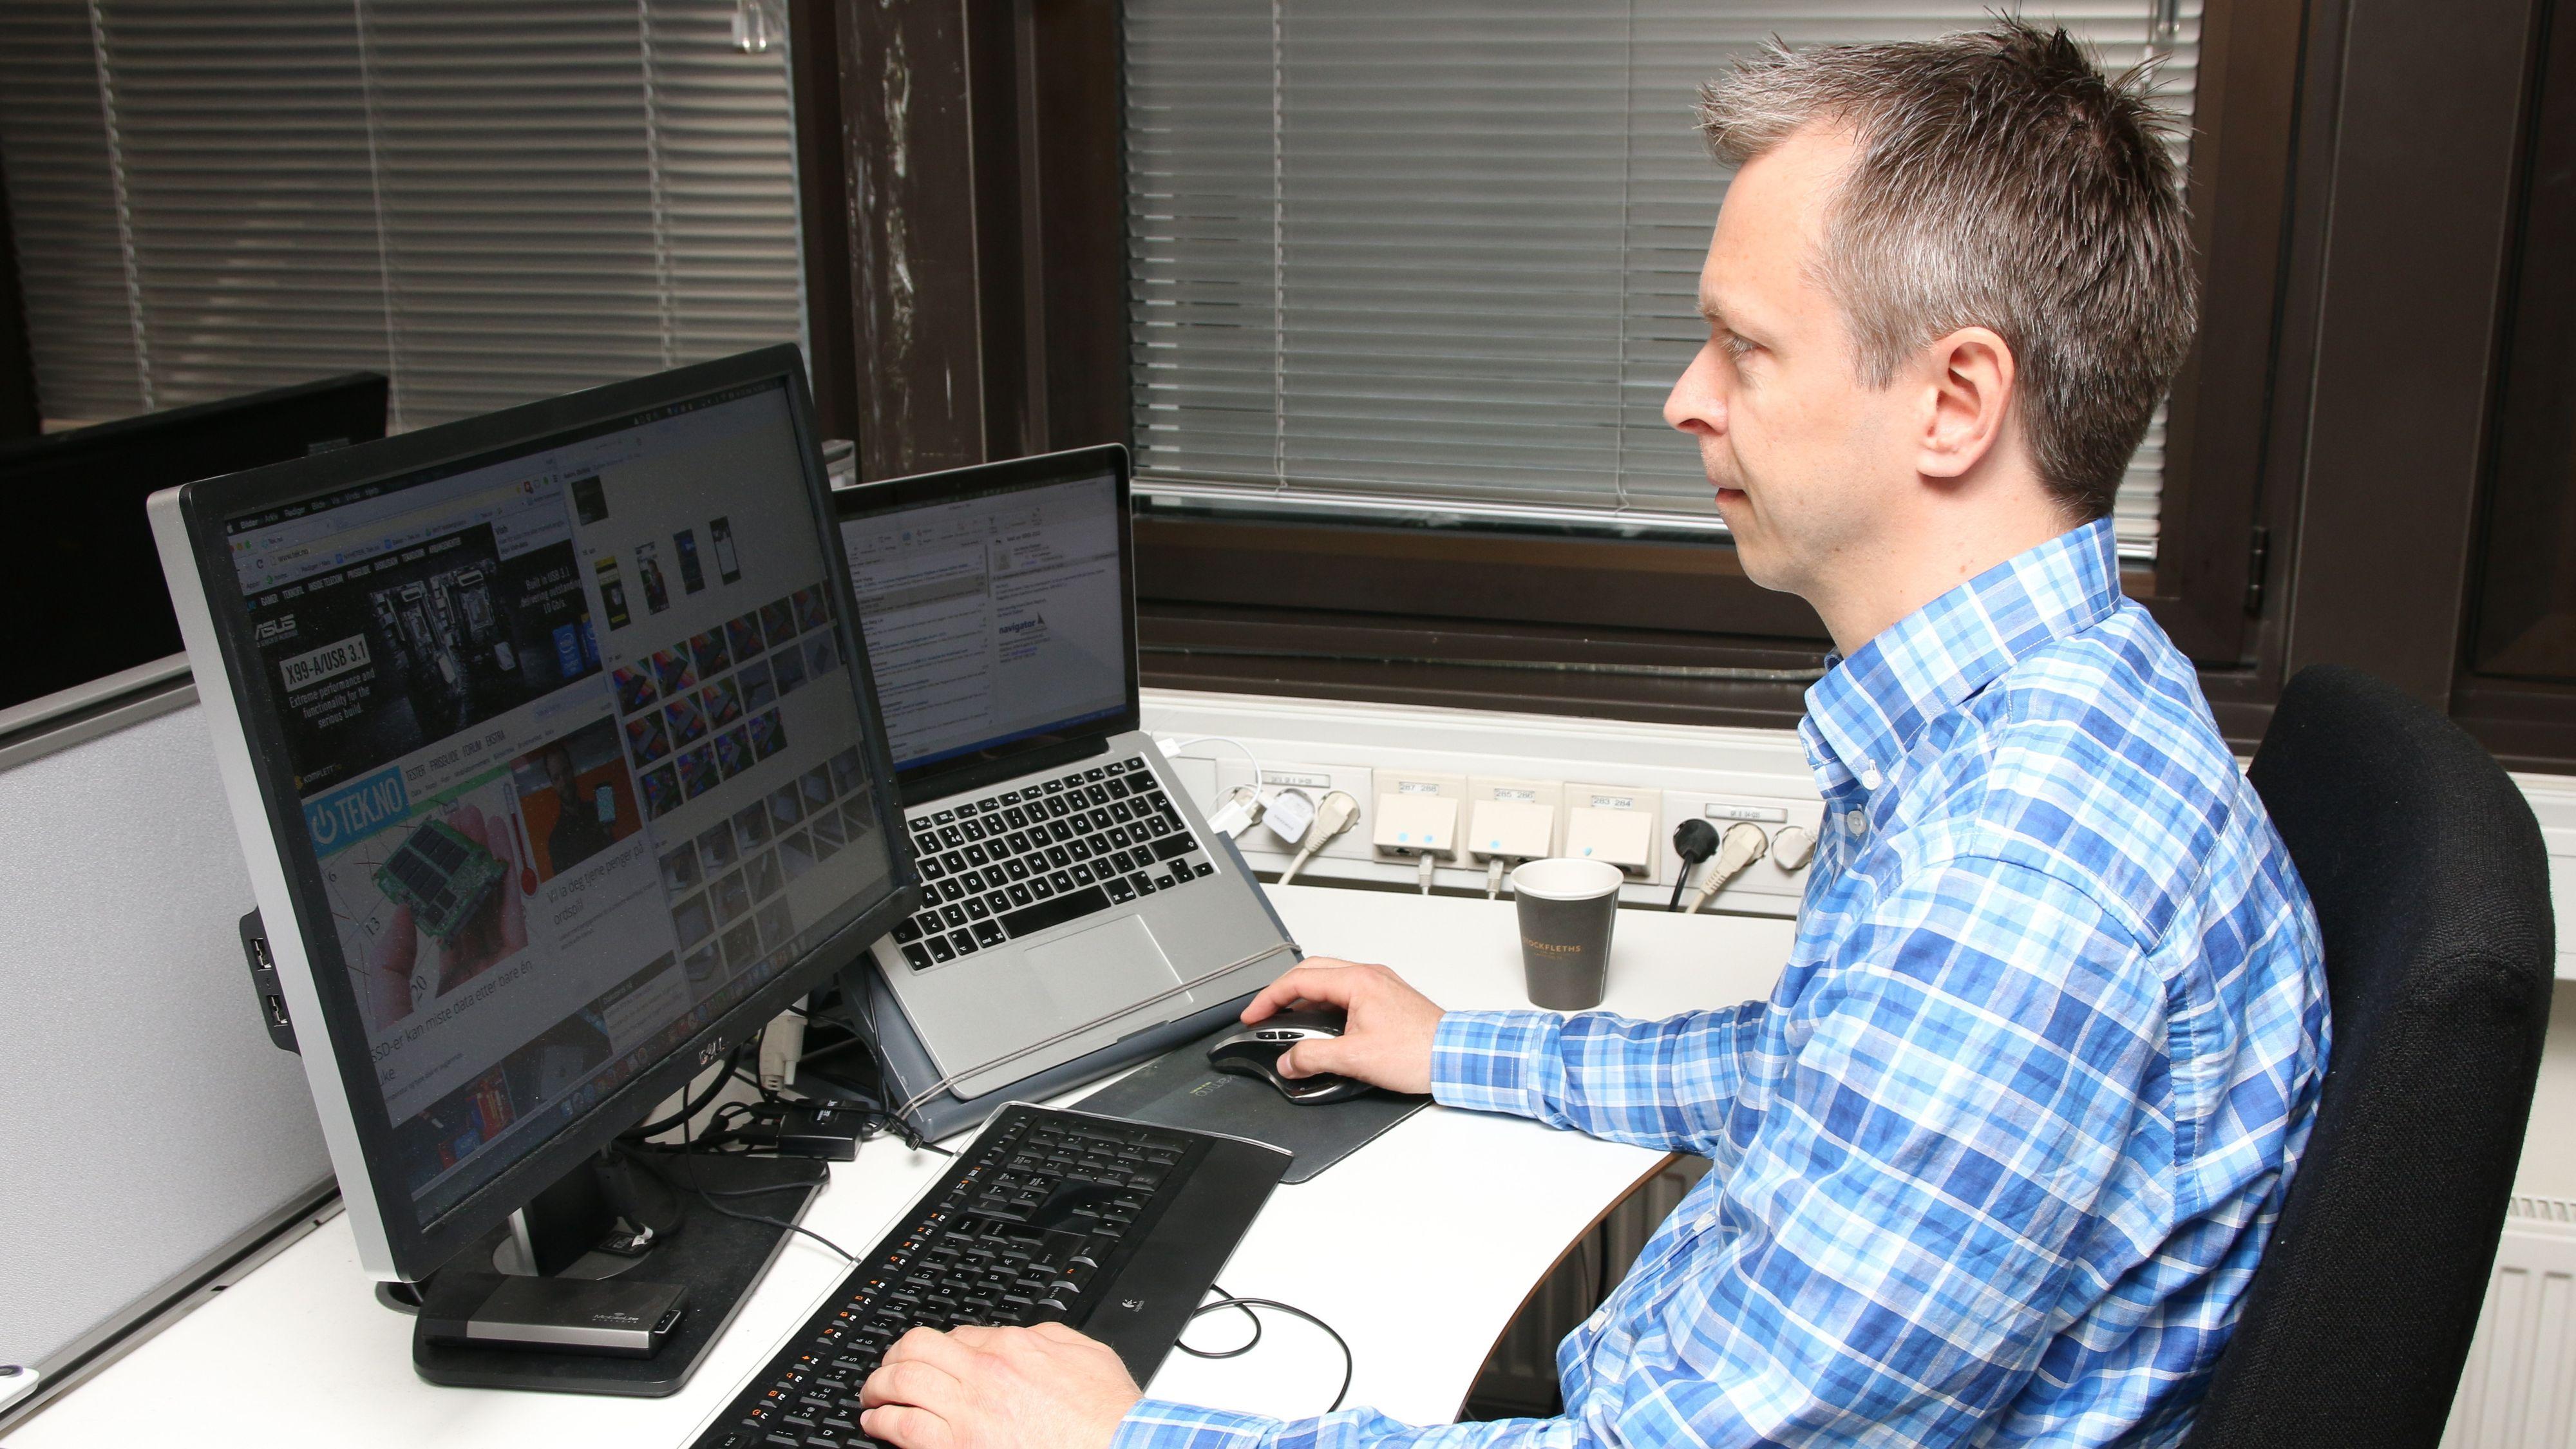 – Hjelp, jeg må bytte ut Mac-en med en Chromebook